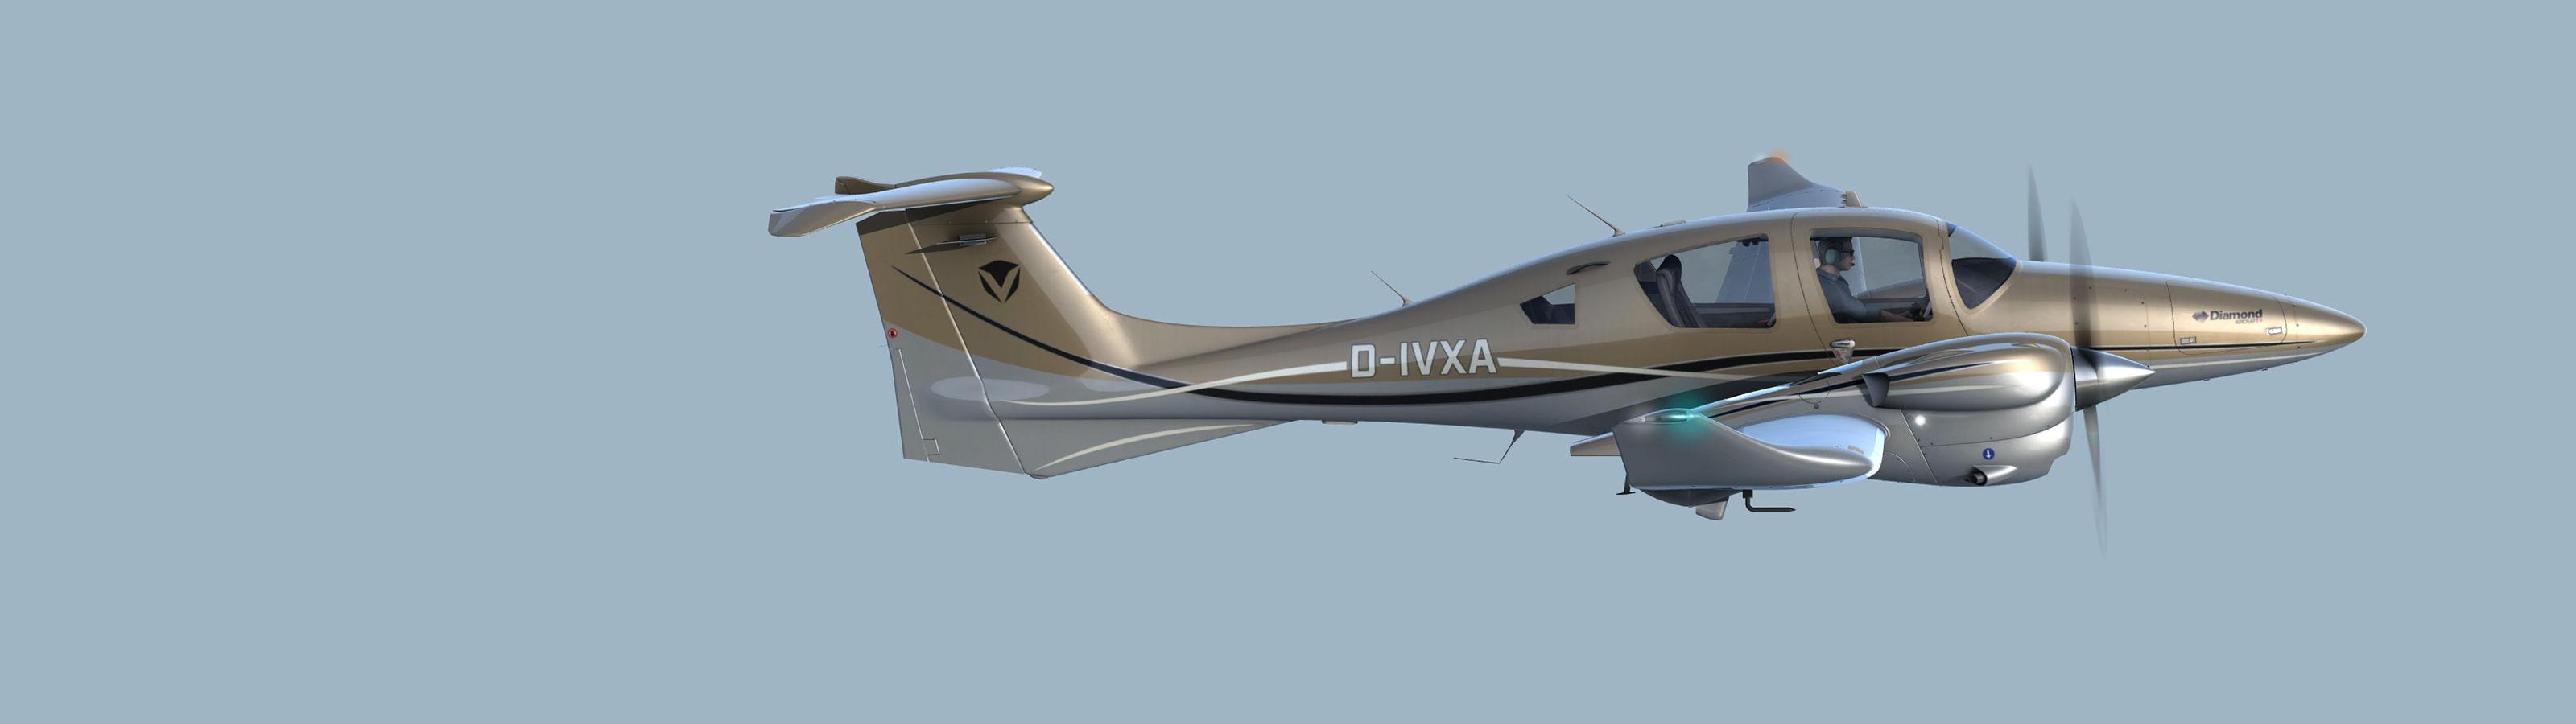 Vertx Diamond DA62